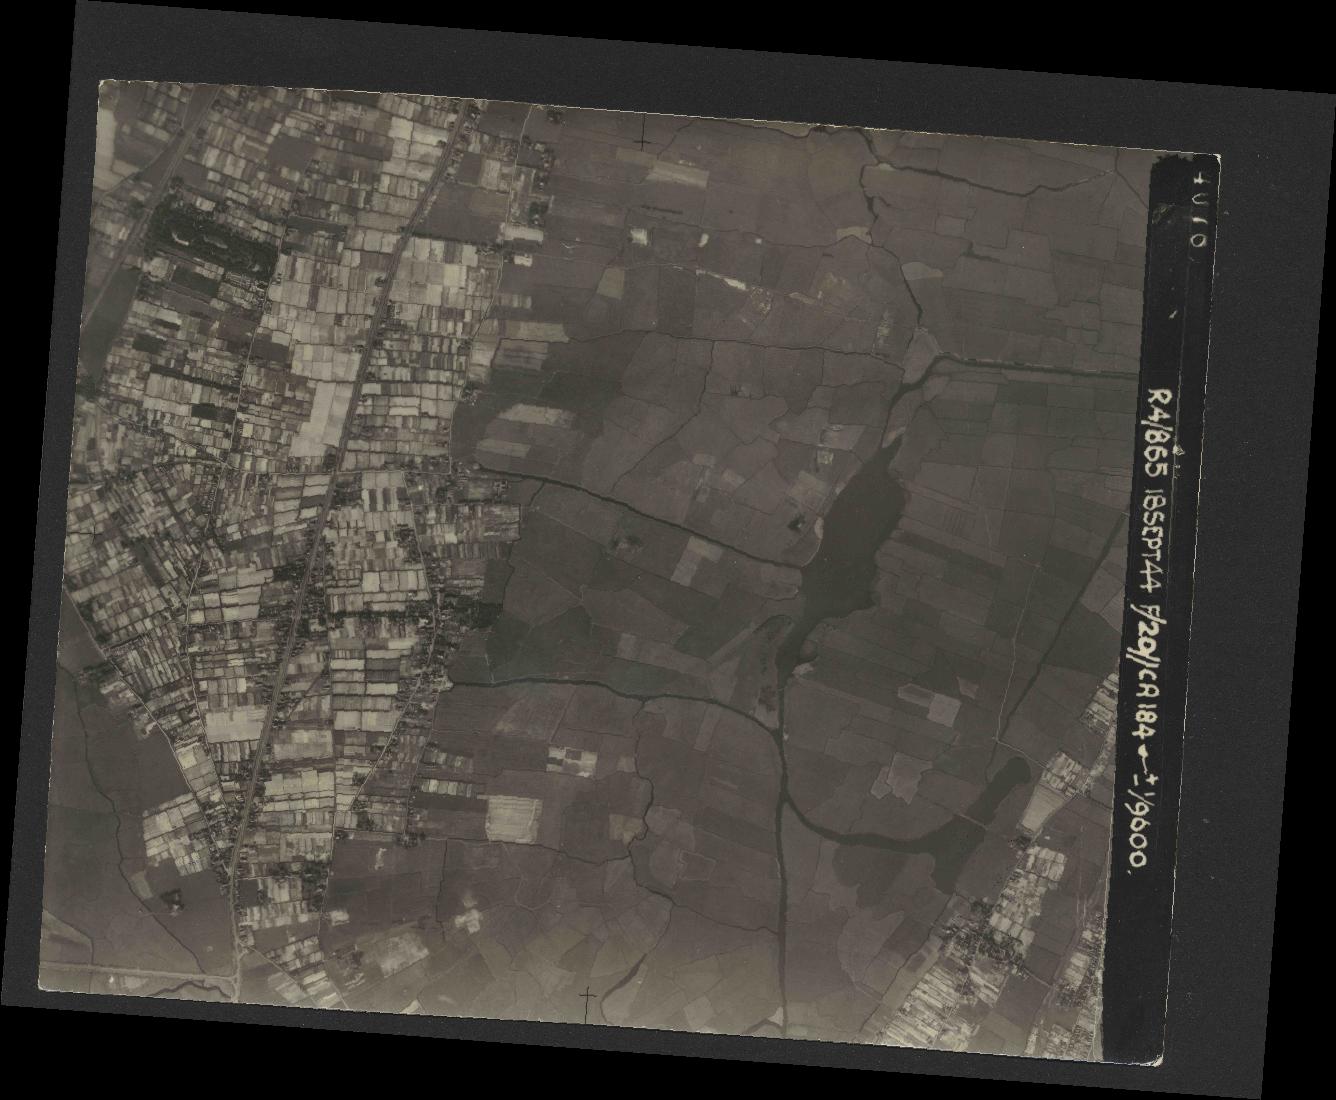 Collection RAF aerial photos 1940-1945 - flight 280, run 04, photo 4078